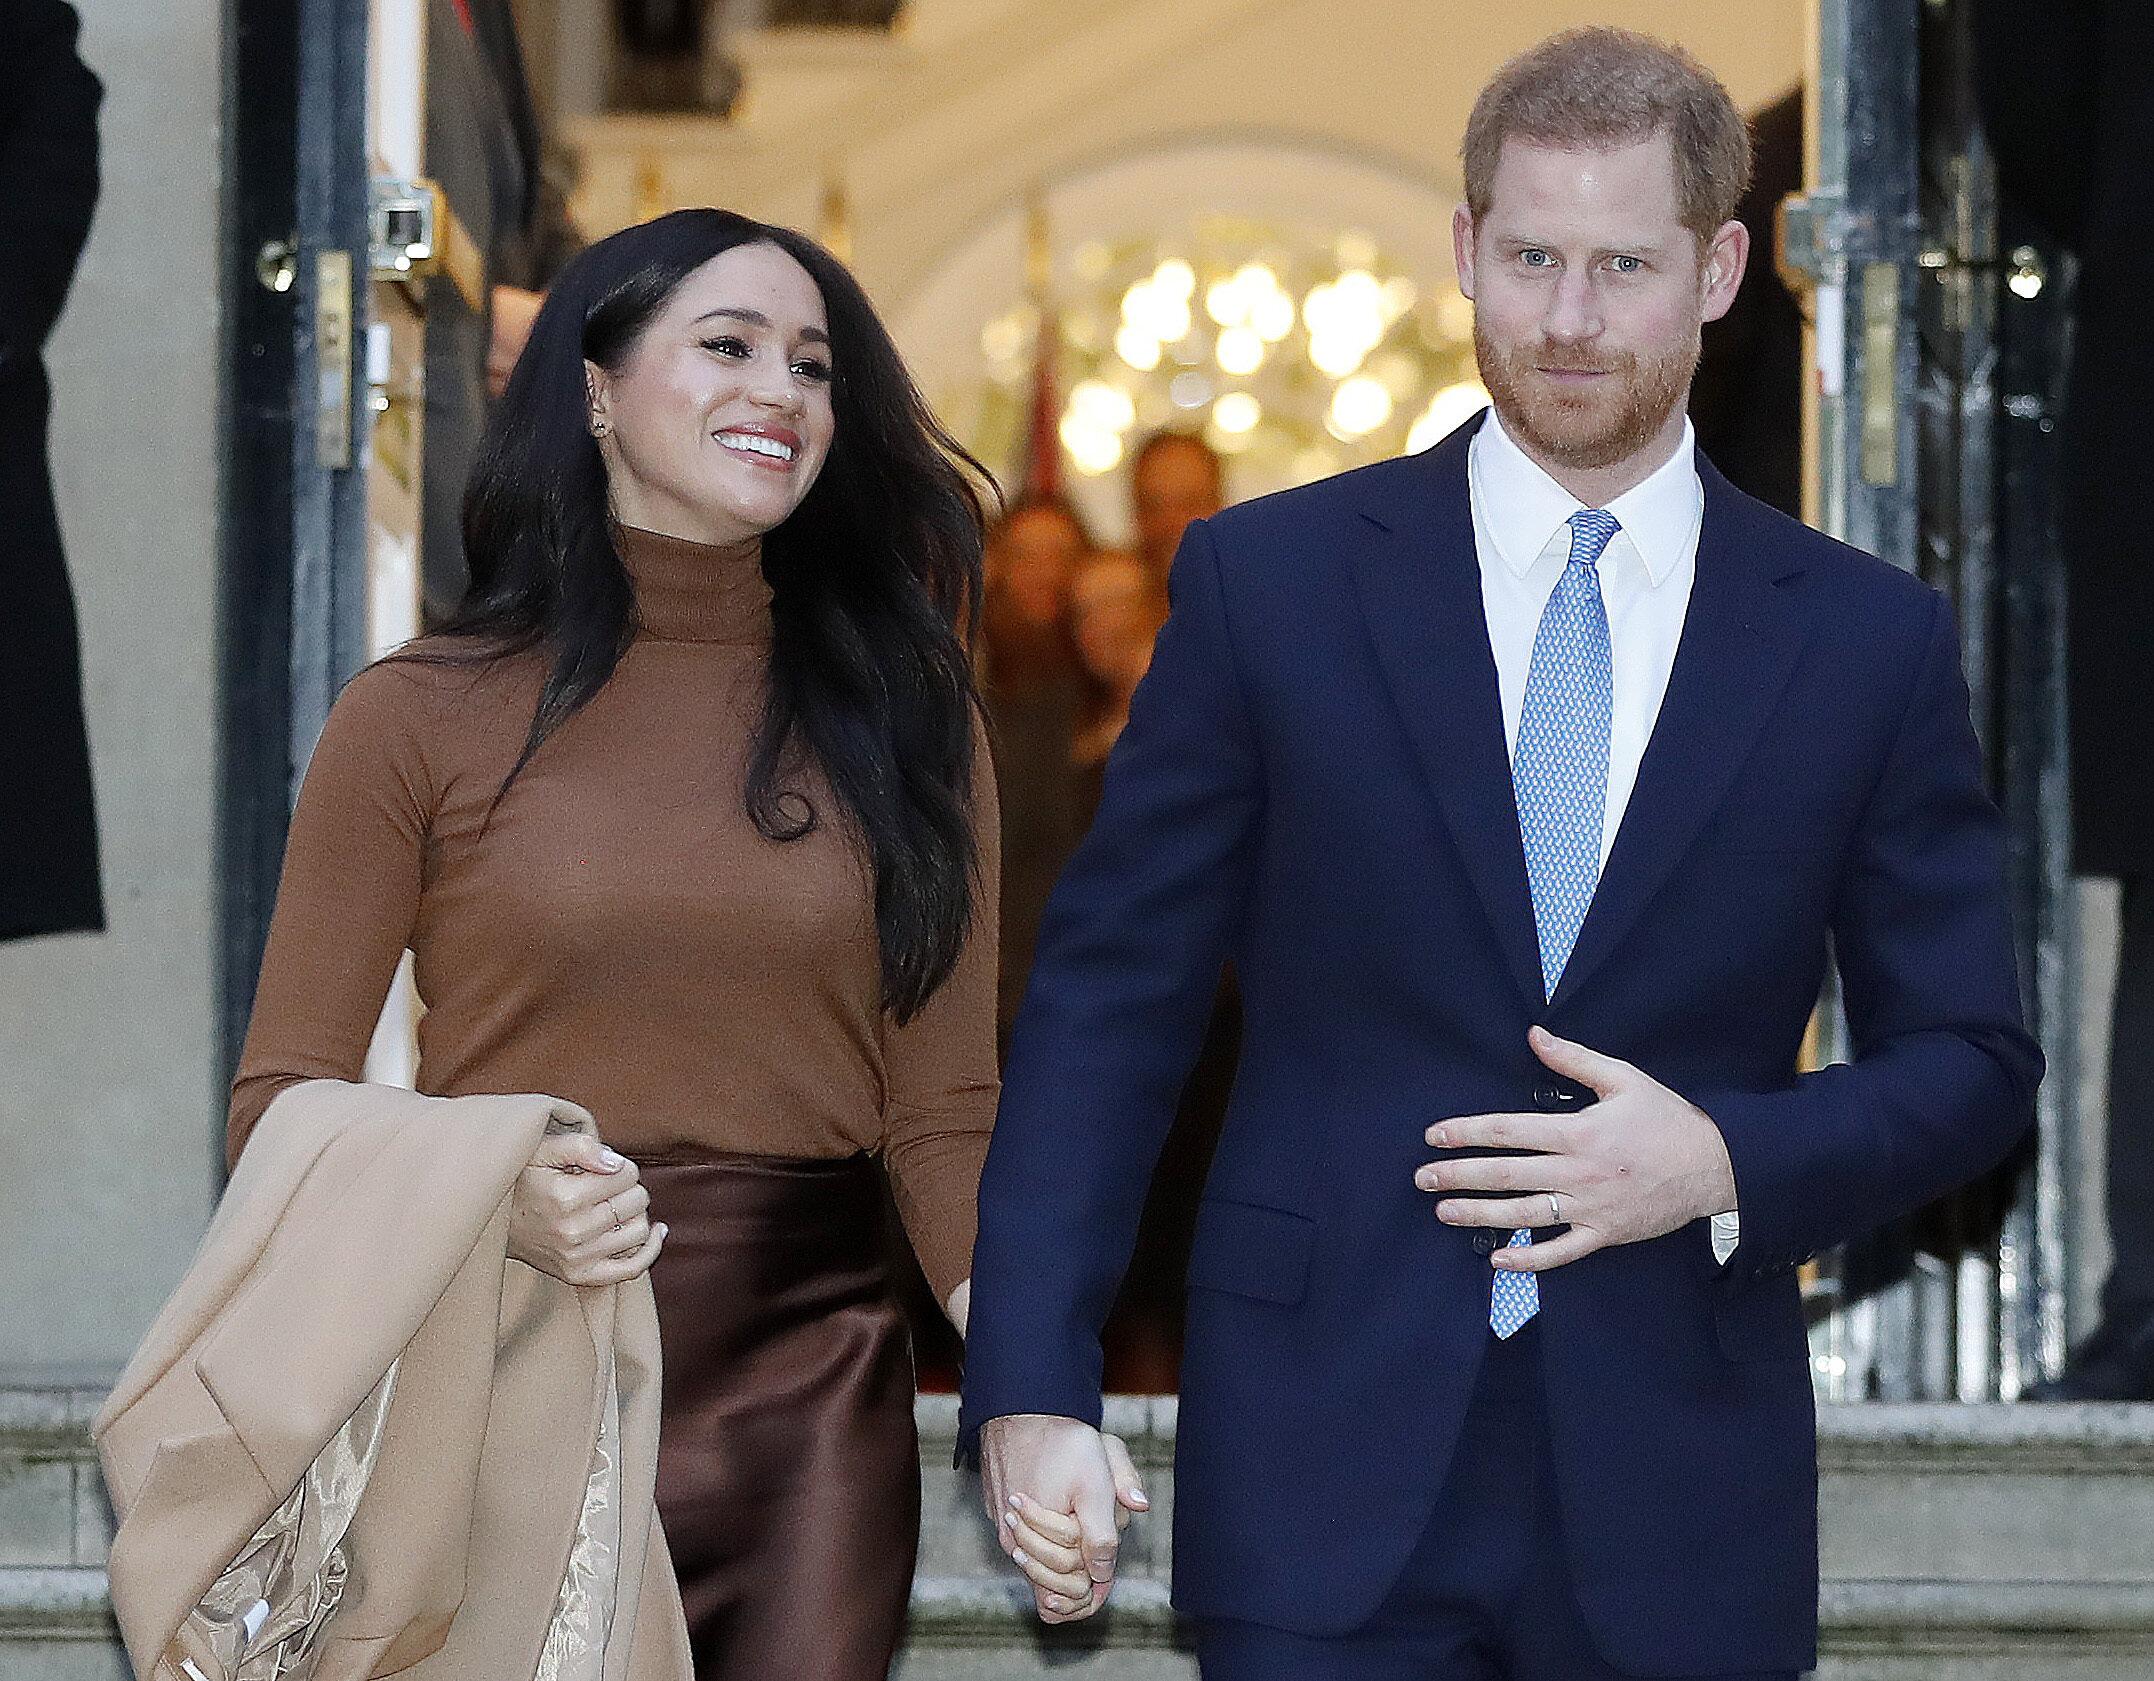 Herzogin Meghan und Prinz Harry wollen kein Freiwild der Paparazzi sein. Sie wehren sich gegen unerlaubte Fotos.  © picture alliance / AP Images